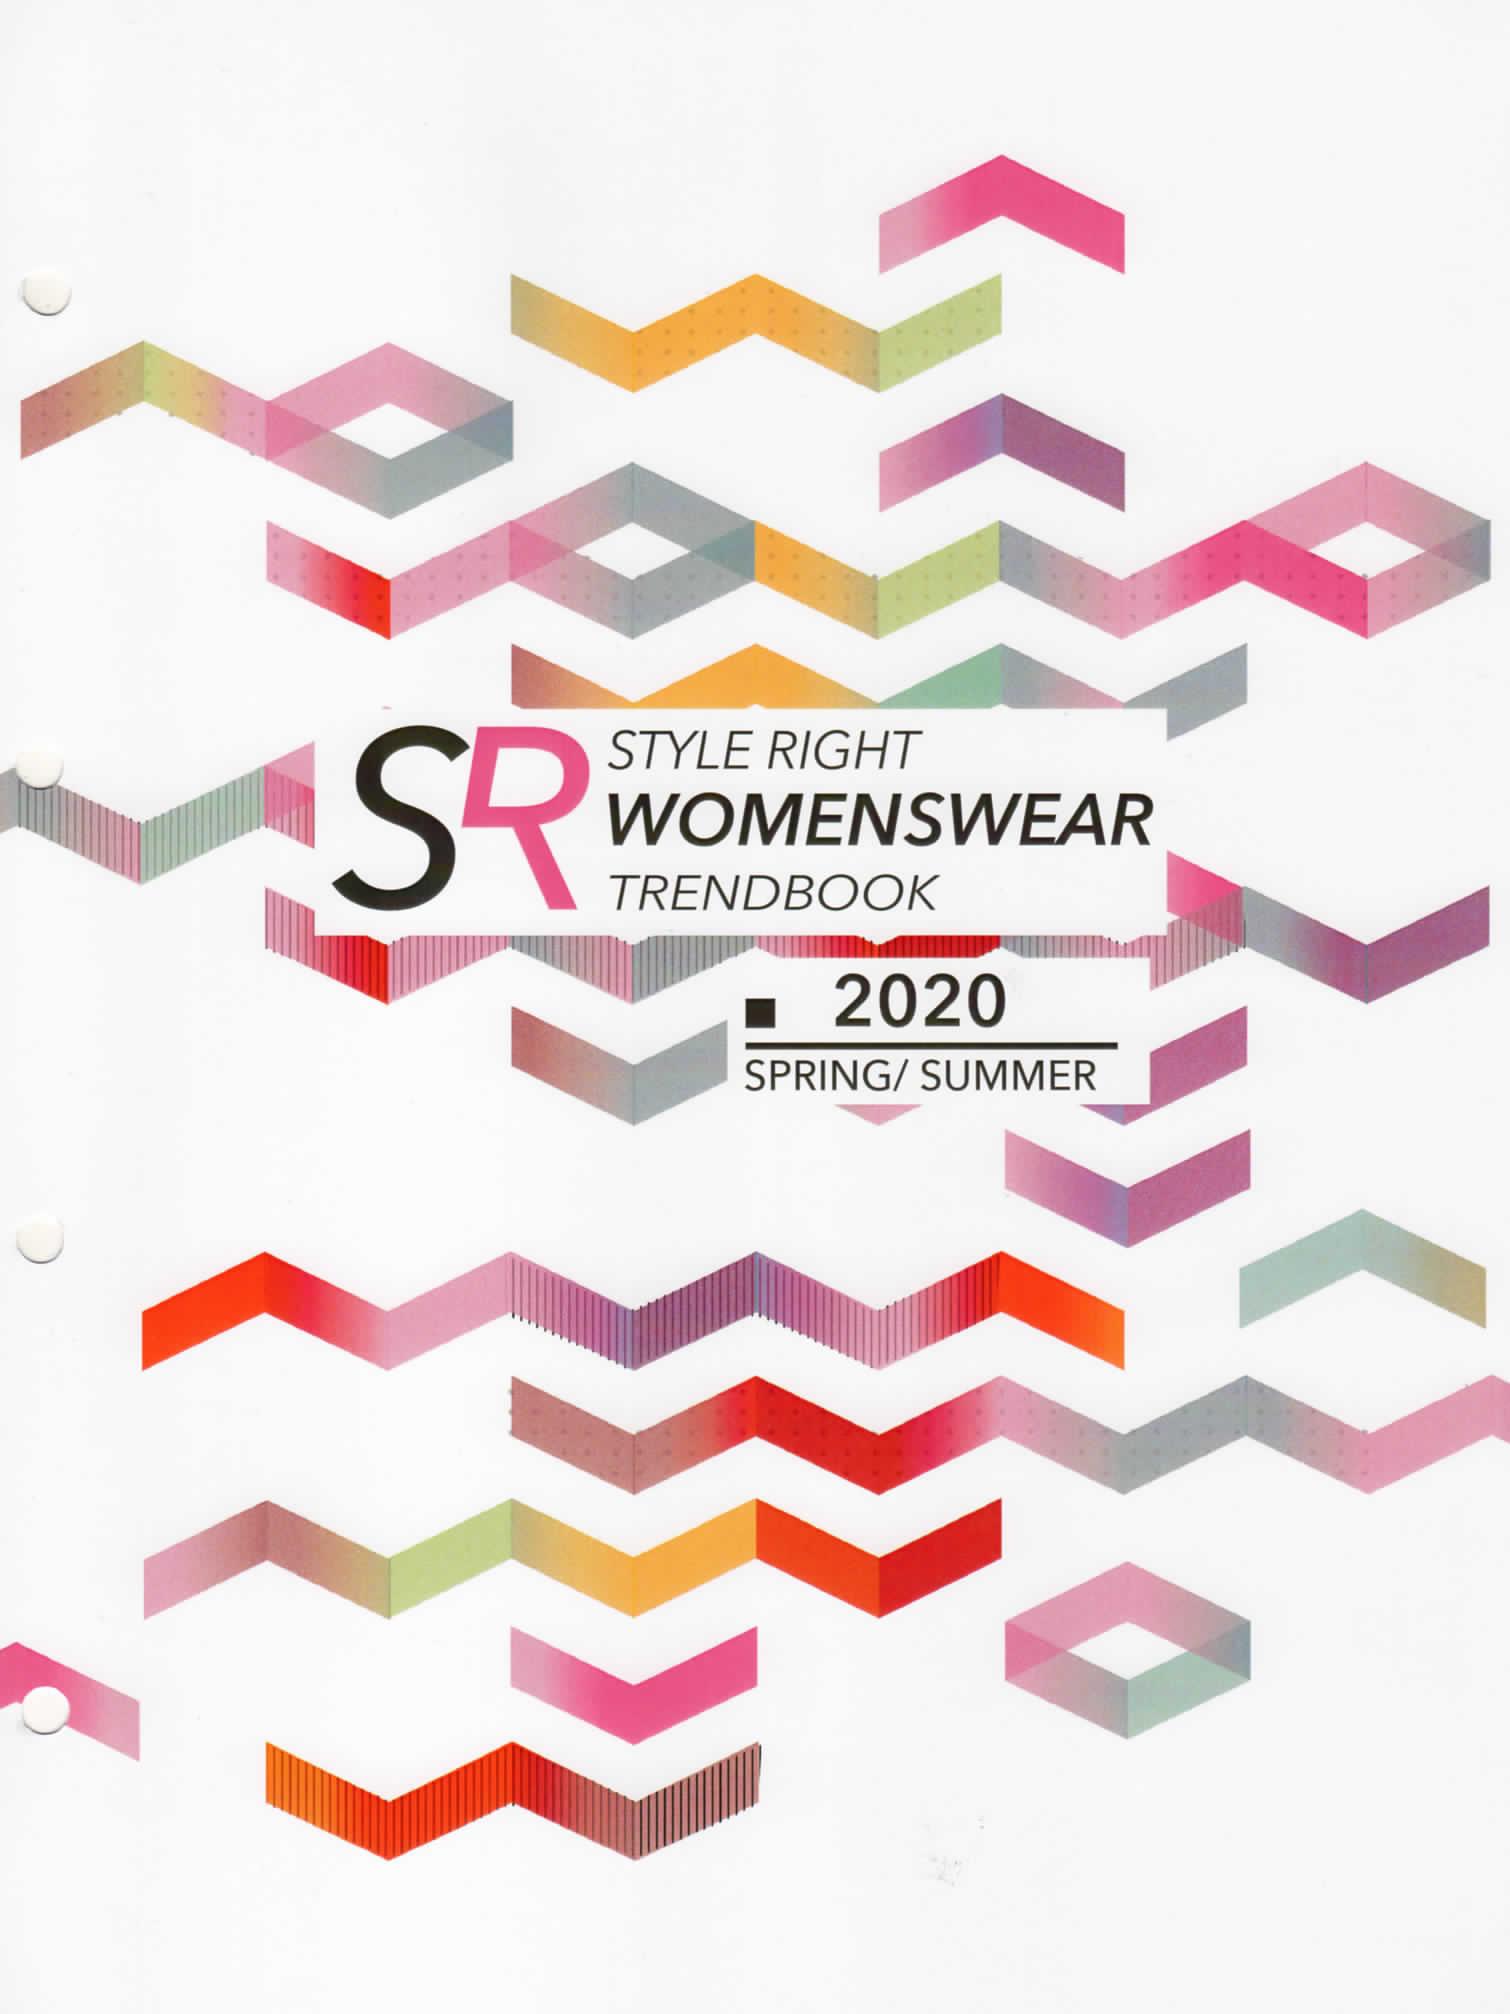 《Style Right》2020春夏德國女裝趨勢手稿